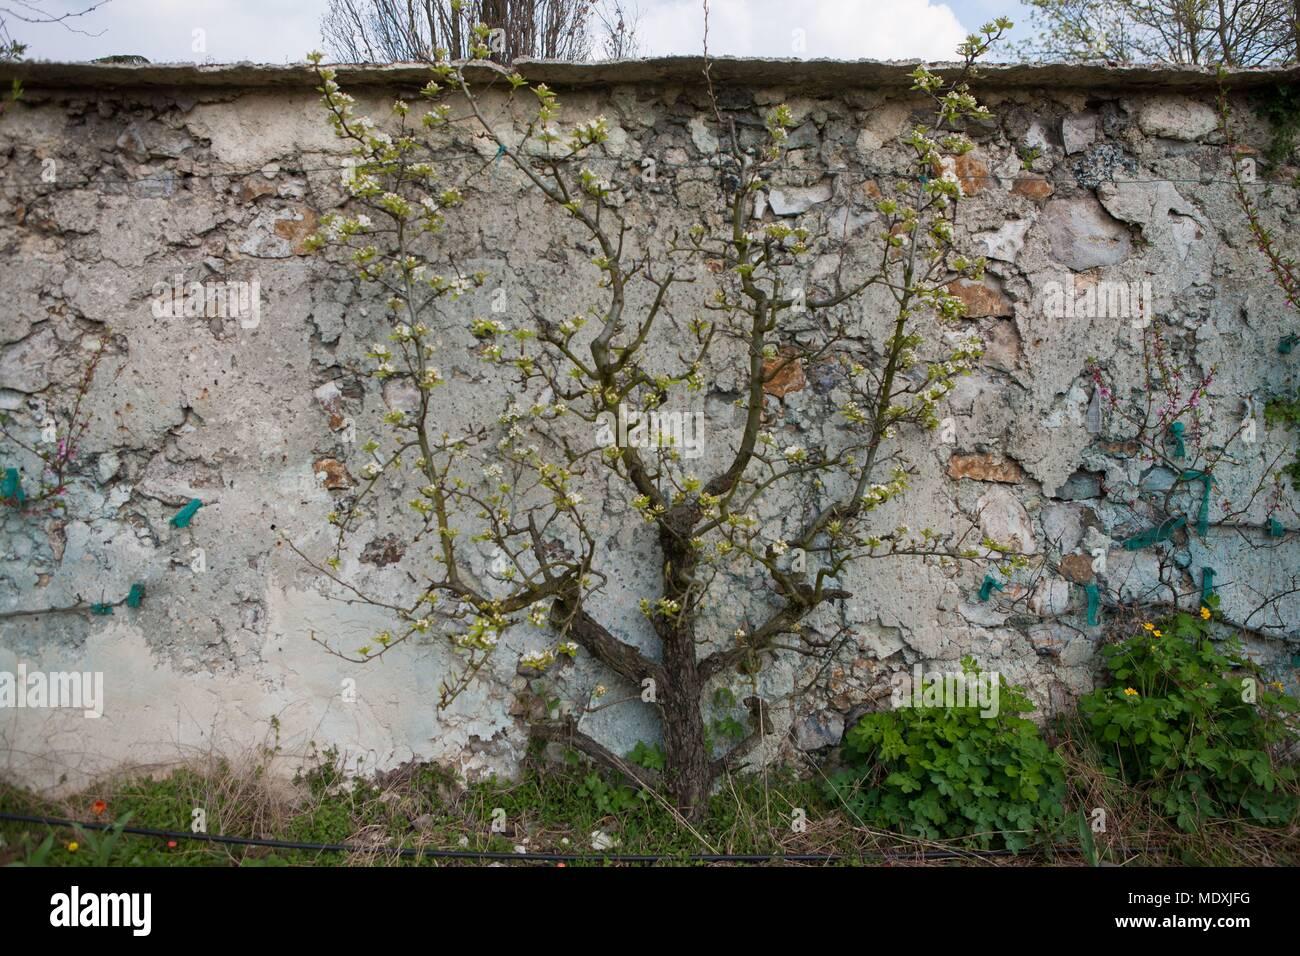 France Montreuil Sous Bois 4 Rue Du Jardin Ecole L Horticulture